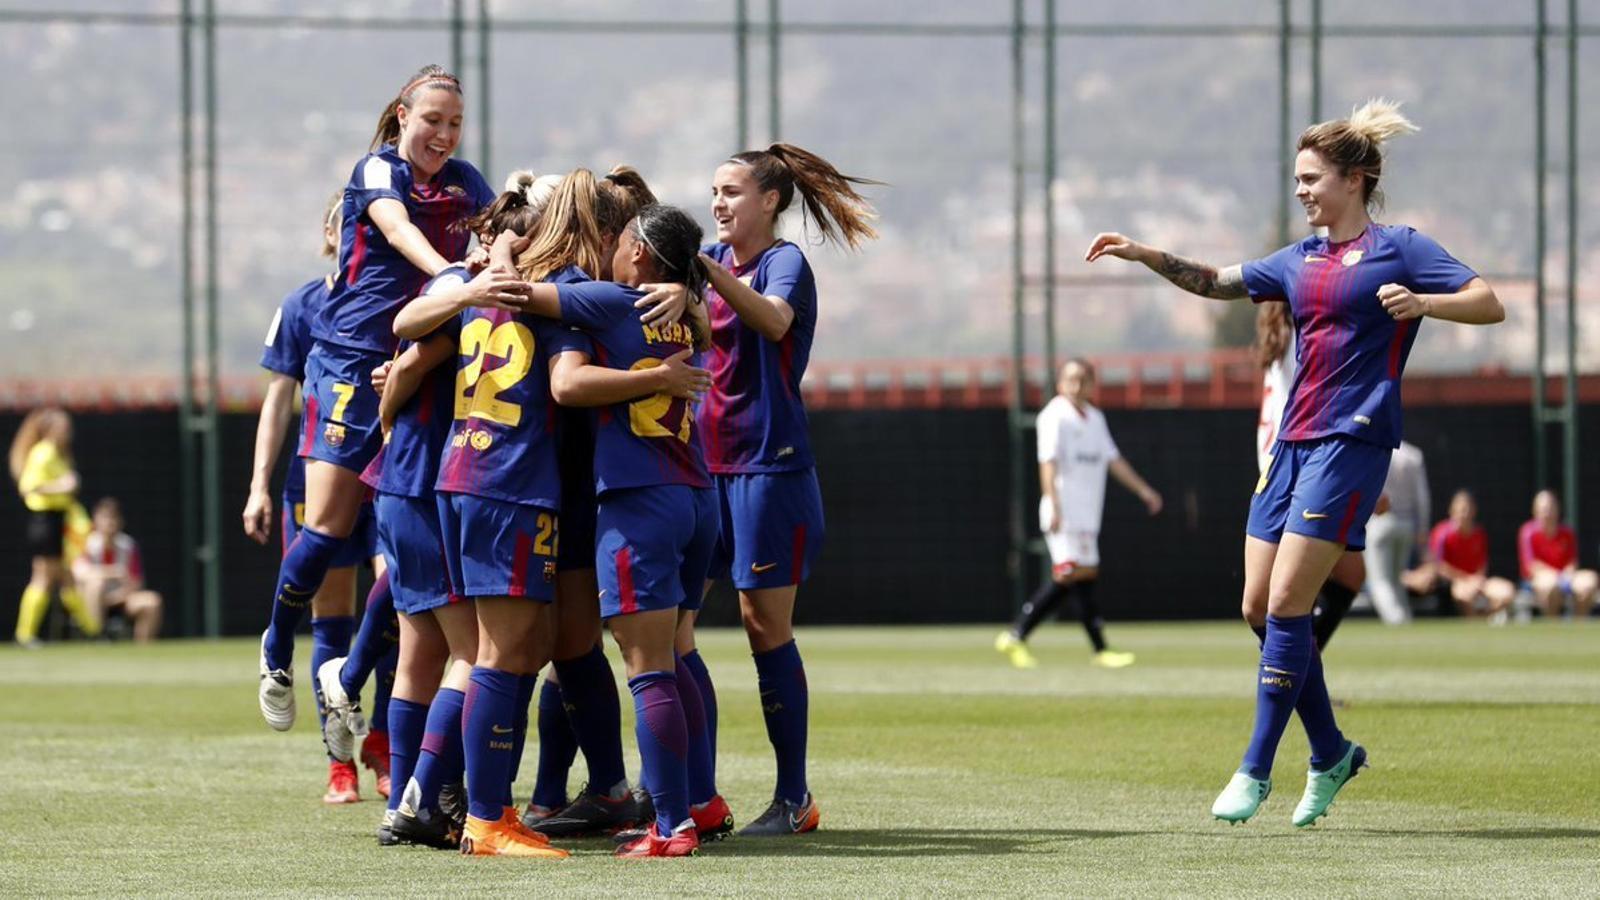 El Barça femení goleja (5-0) el Sevilla per seguir lluitant per la Lliga